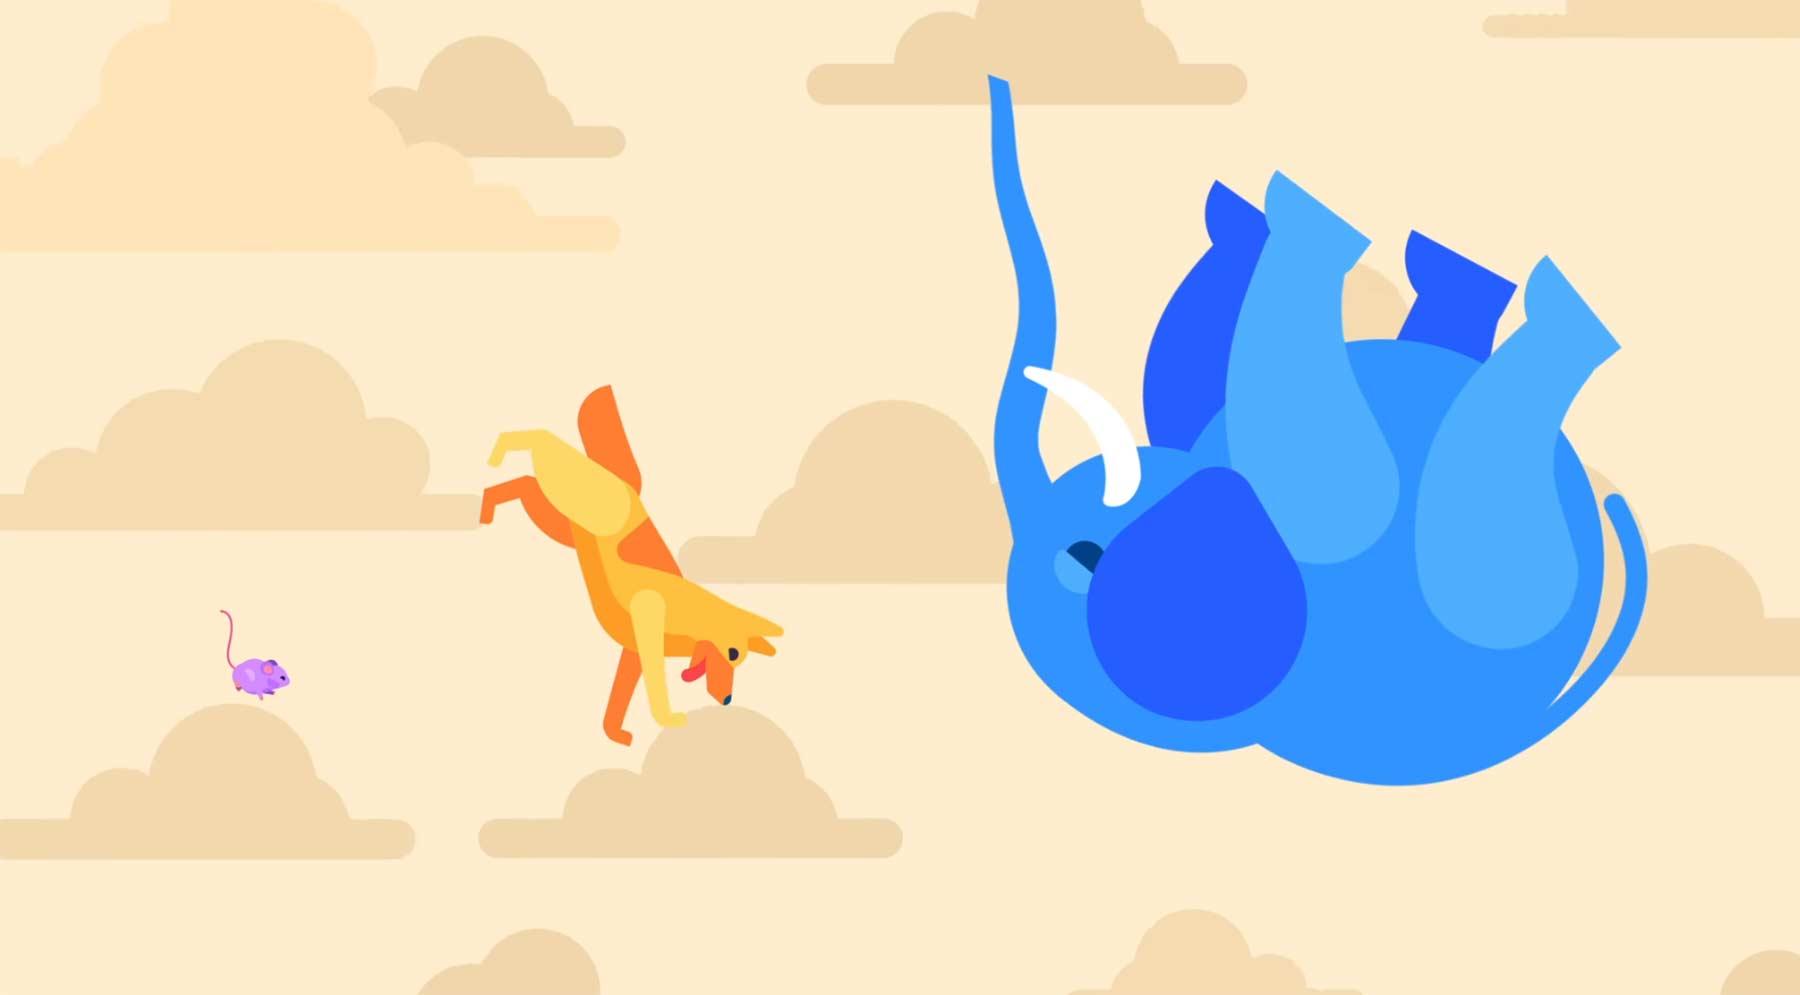 Fallen eine Maus, ein Hund und eine Elefant vom Hochhaus... elefant-vom-hochhaus-geworfen